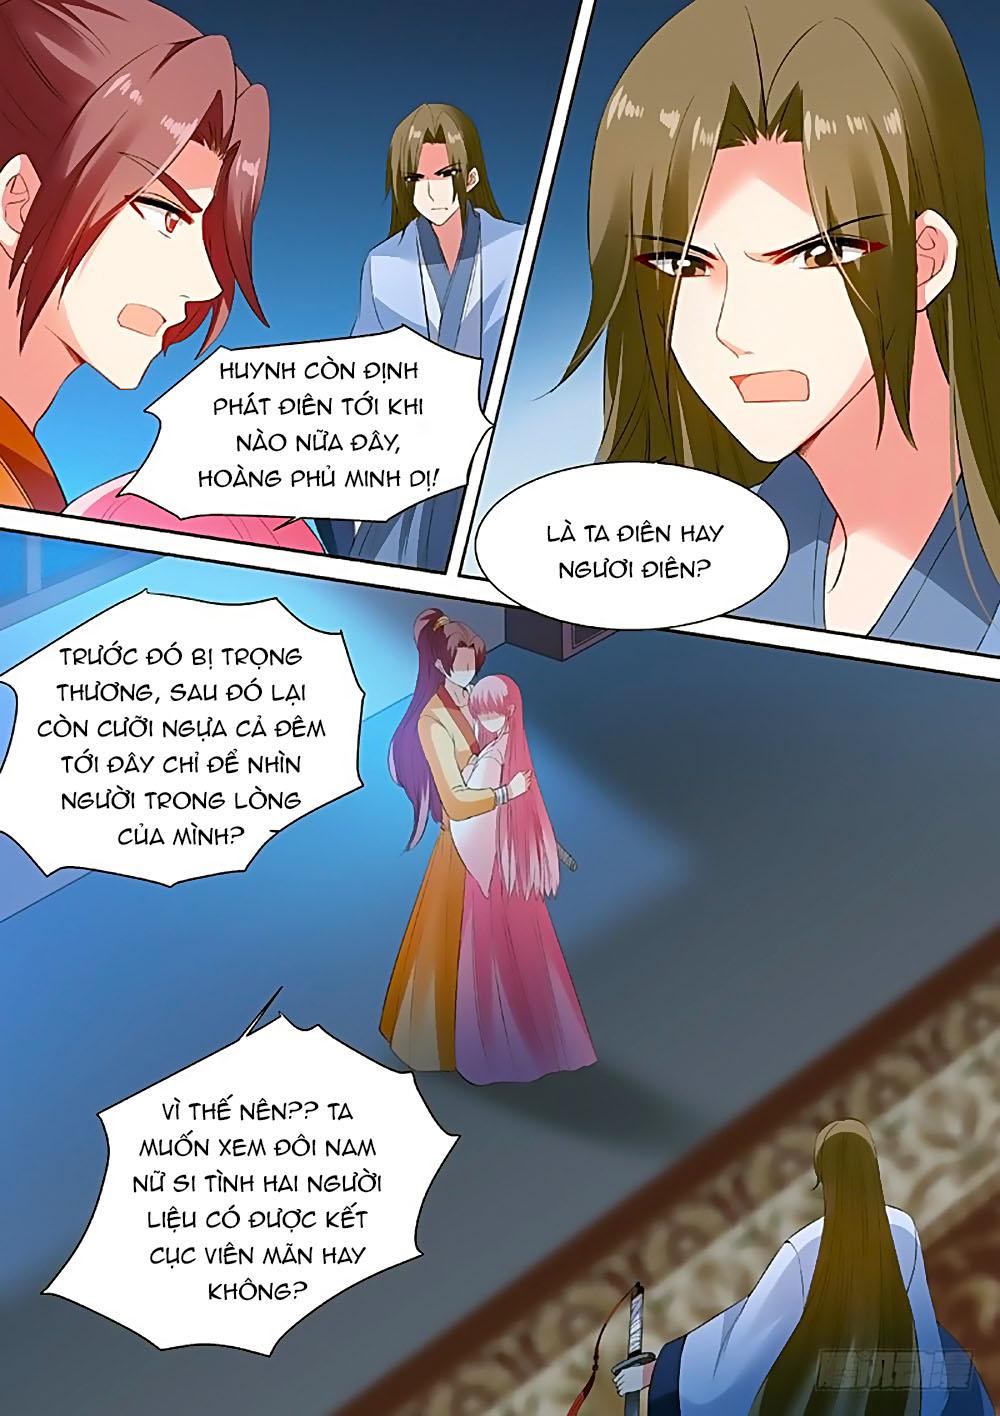 Hệ Thống Chế Tạo Nữ Thần chap 79 - Trang 6